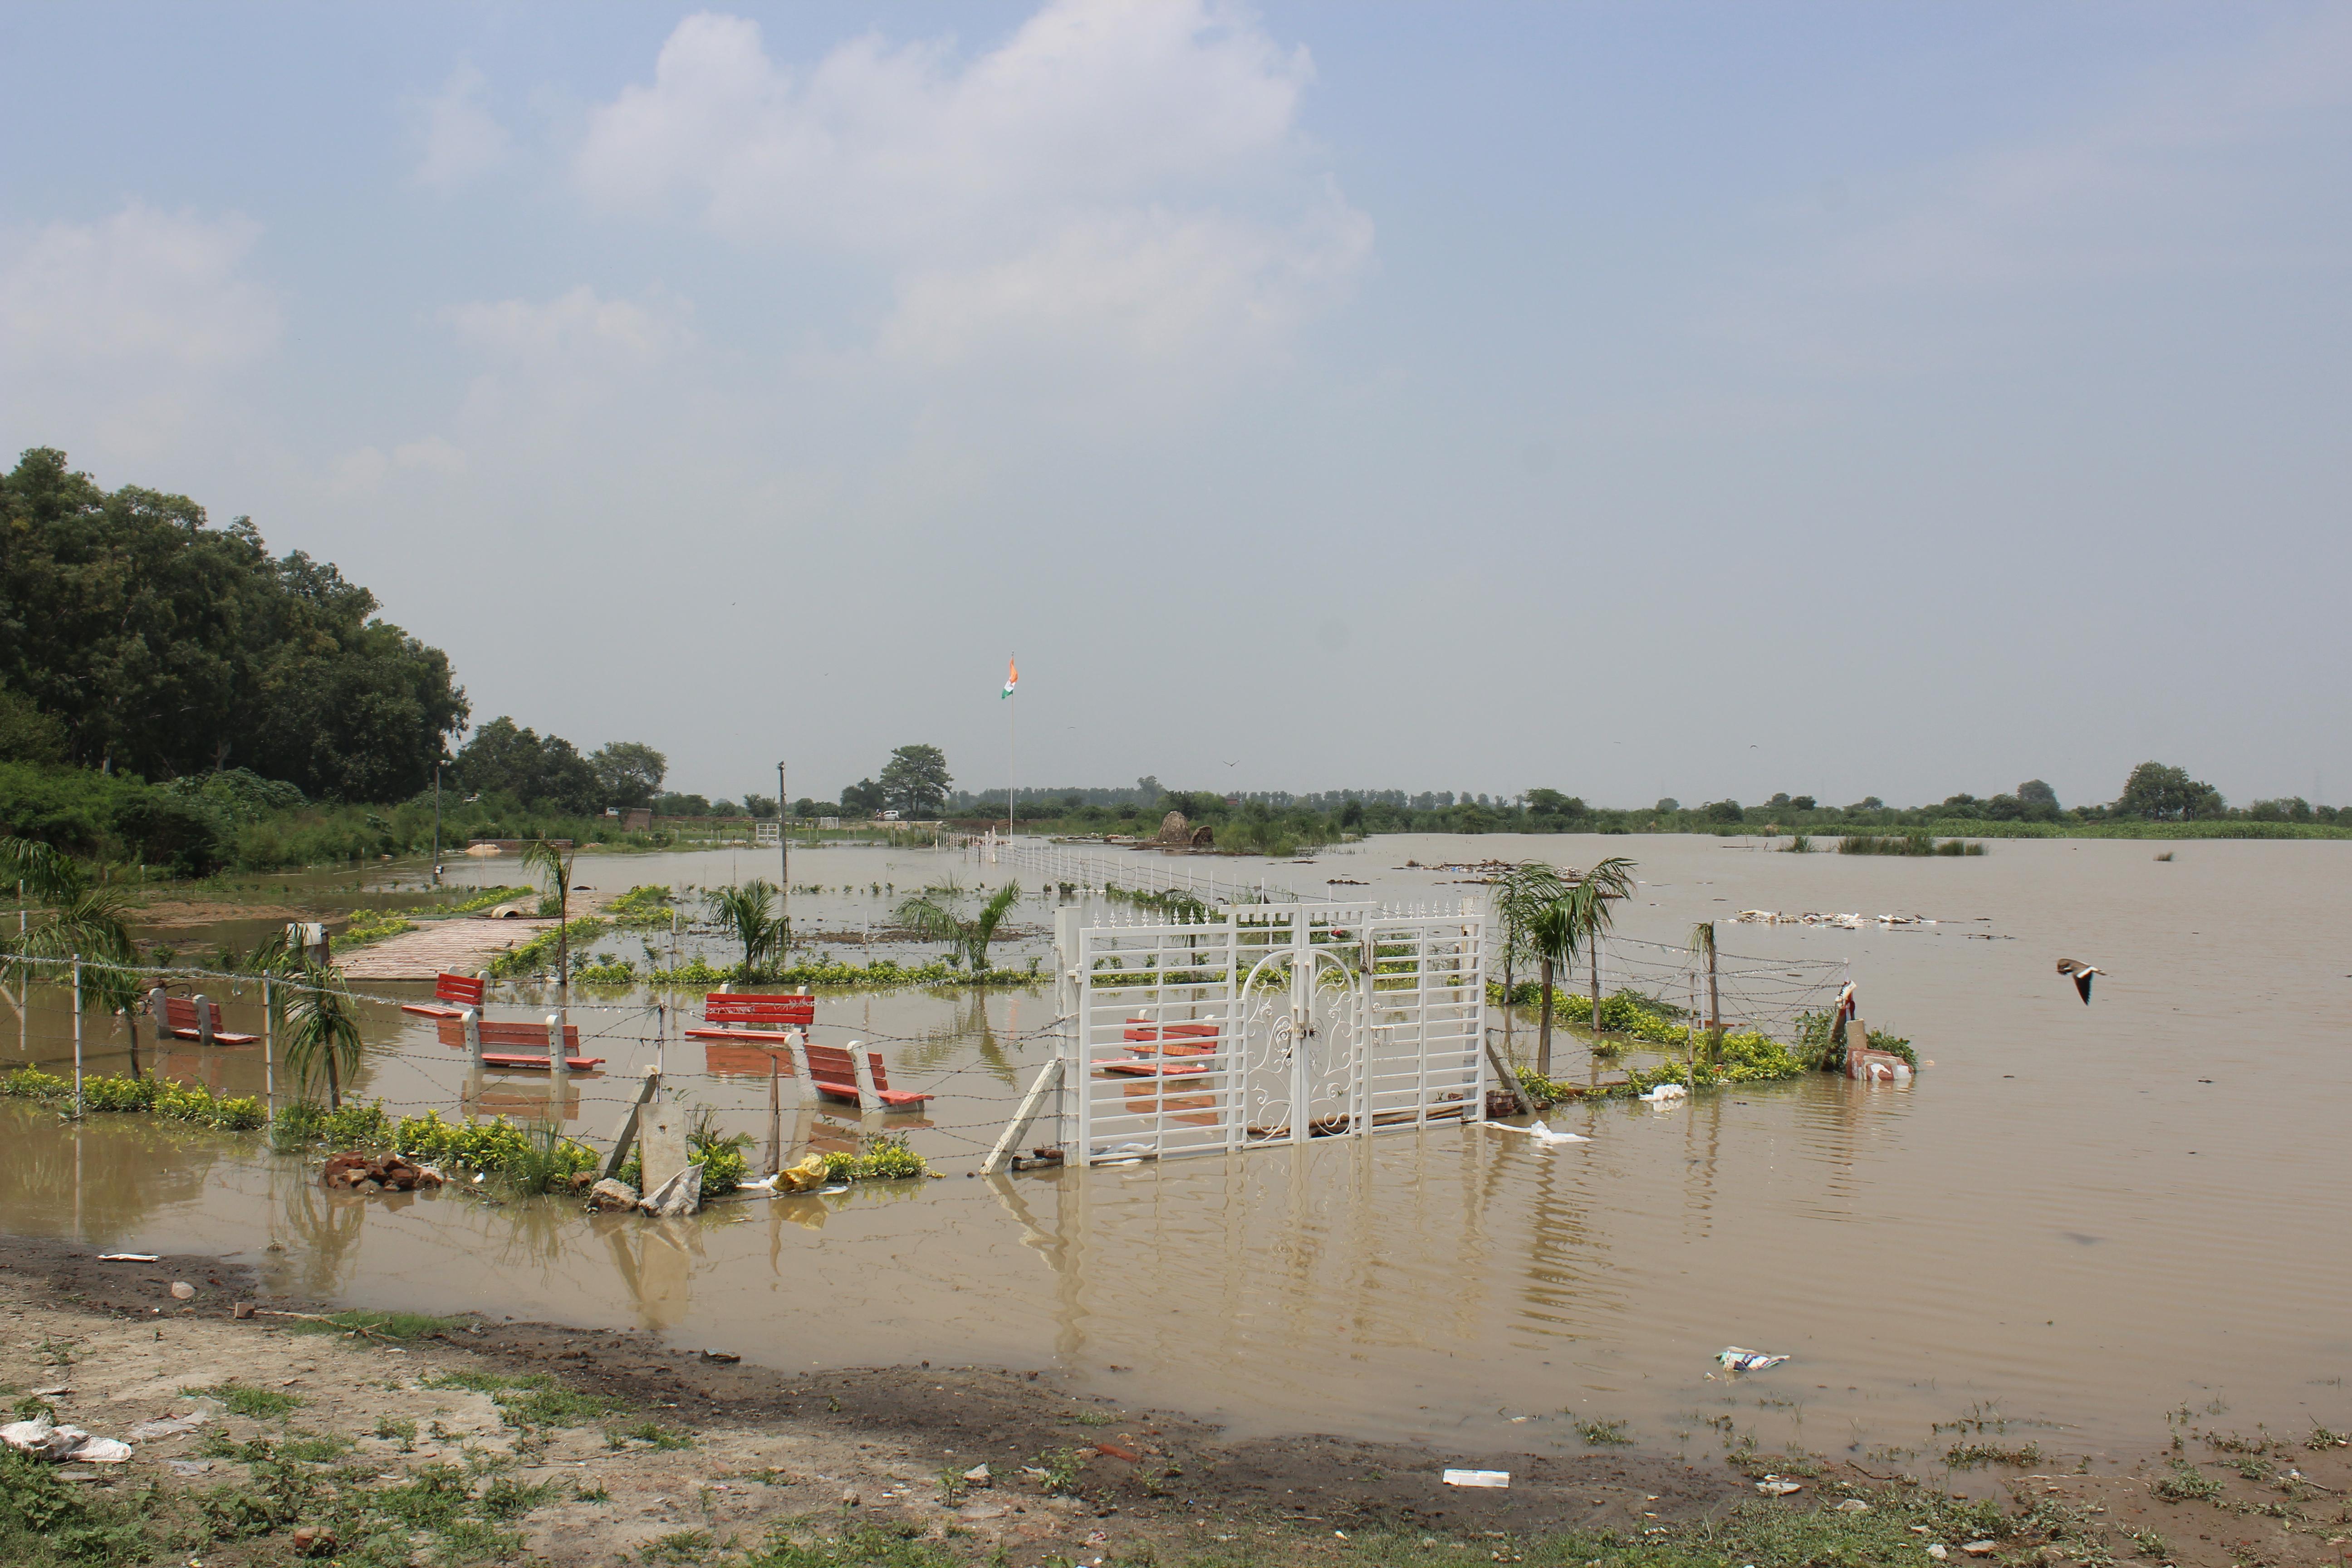 Aug 2019 Yamuna Flood: Floodplain Encroachments Exposed